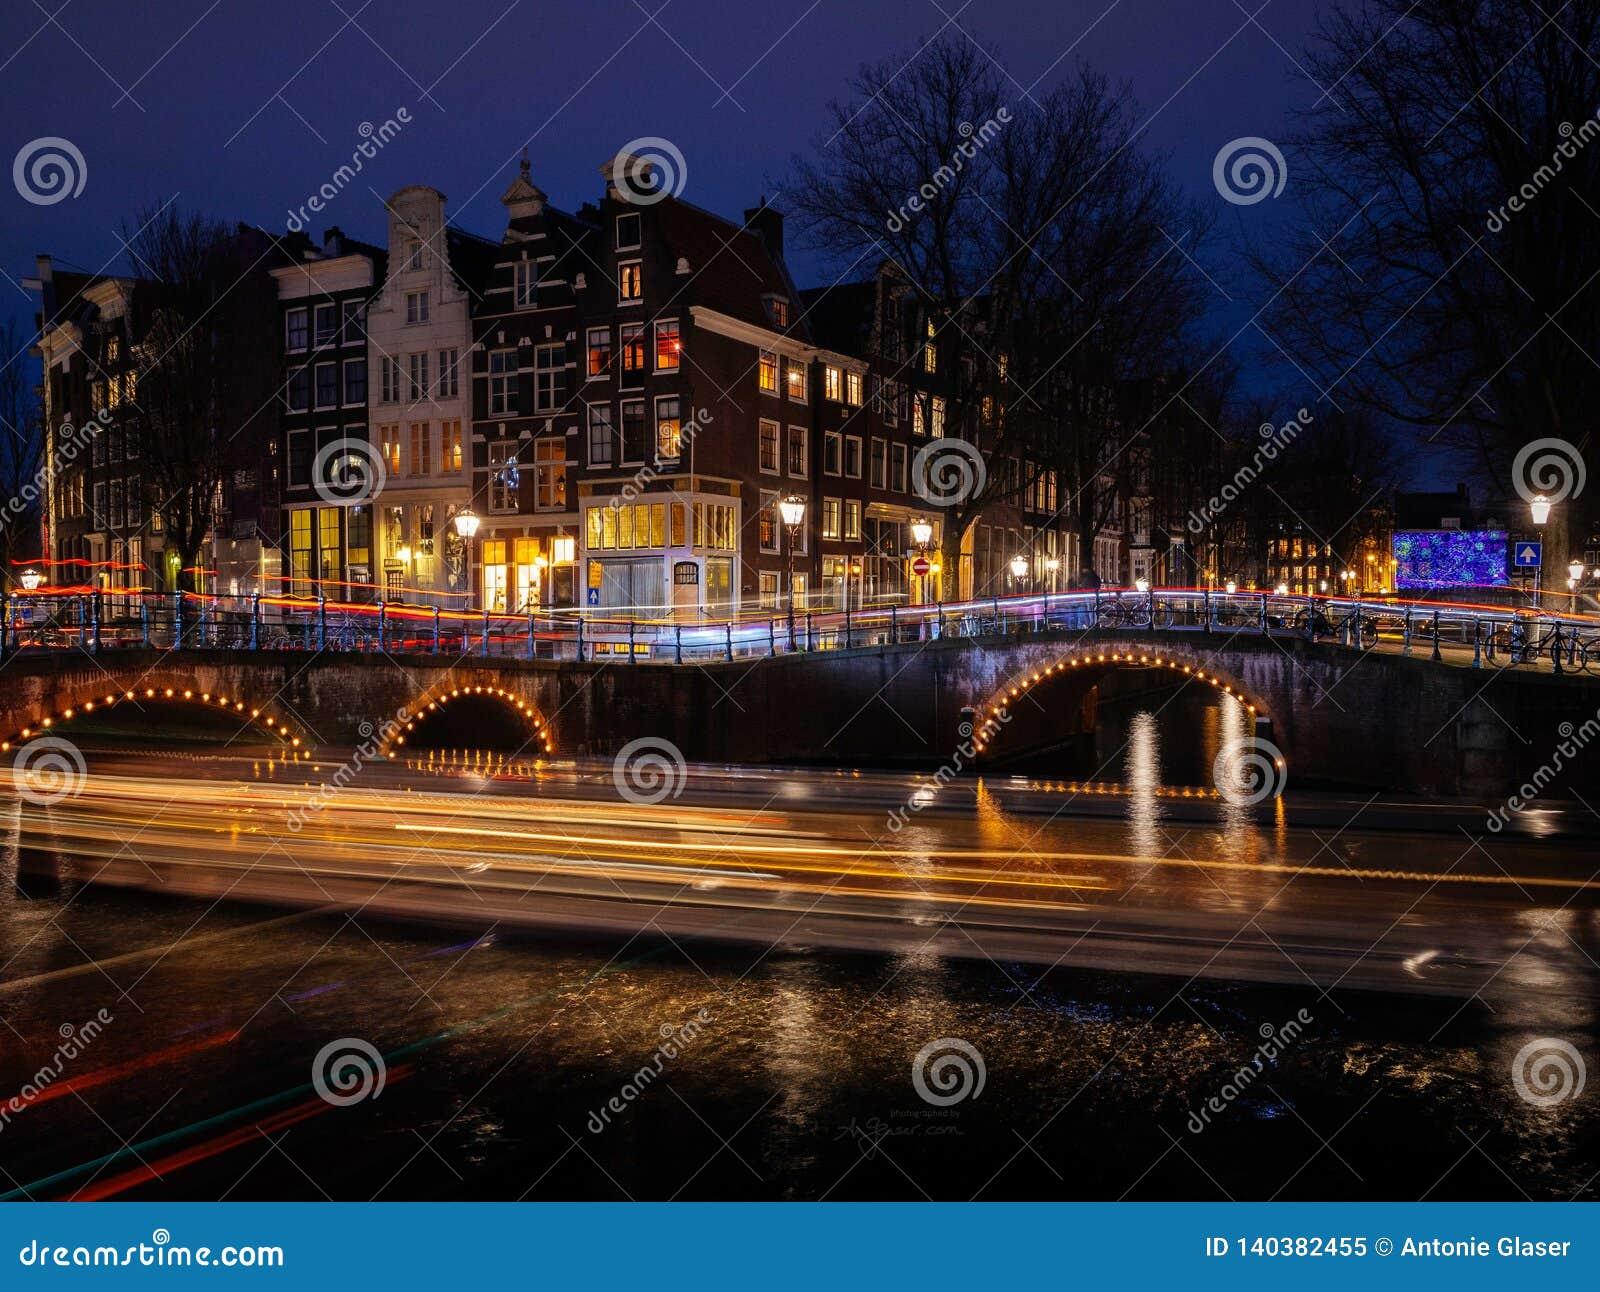 La scena tipica del canale di Amsterdam con le case tradizionali e le tracce leggere formano le barche alla notte